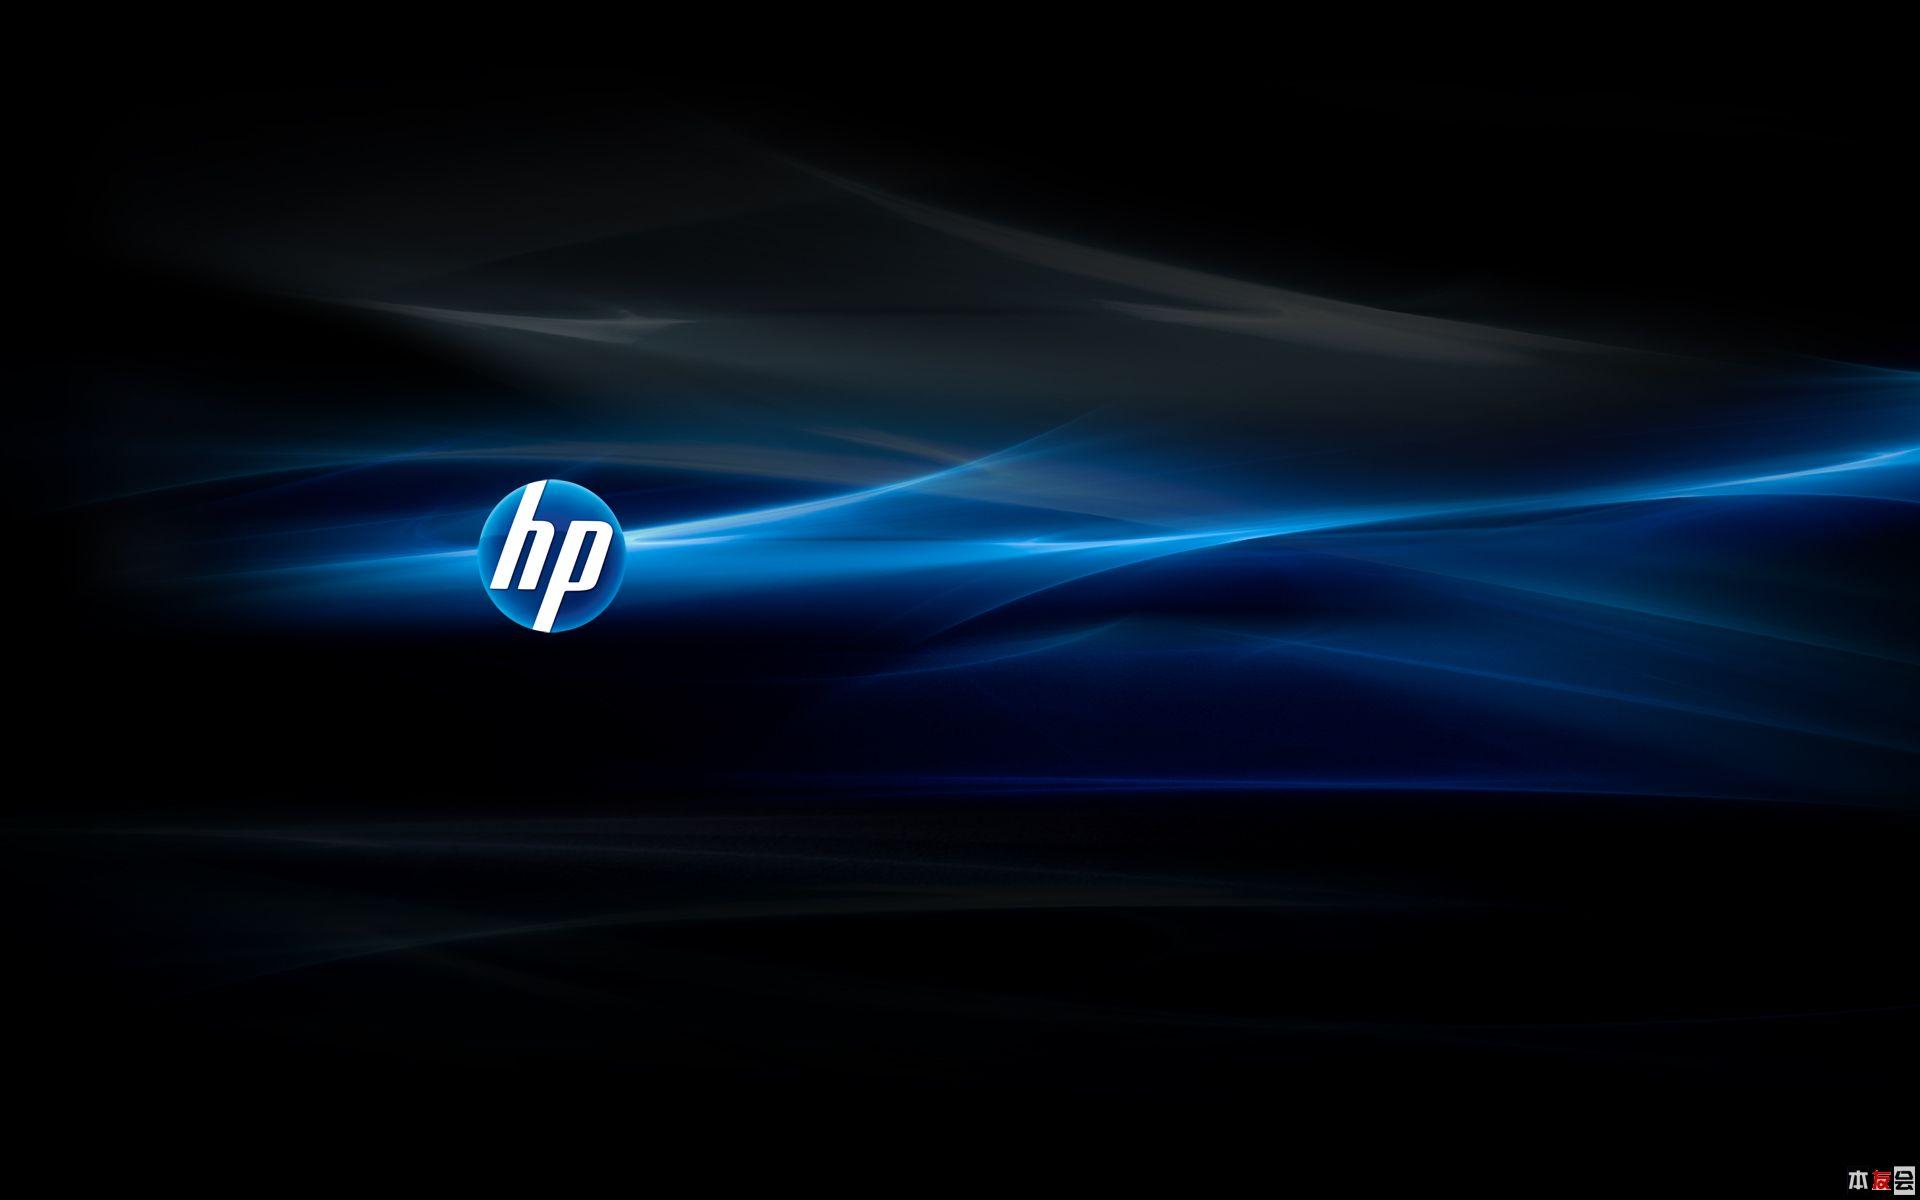 笔记本原装壁纸】--各种分辨率,总有一款   hp惠普笔记本电脑高清图片